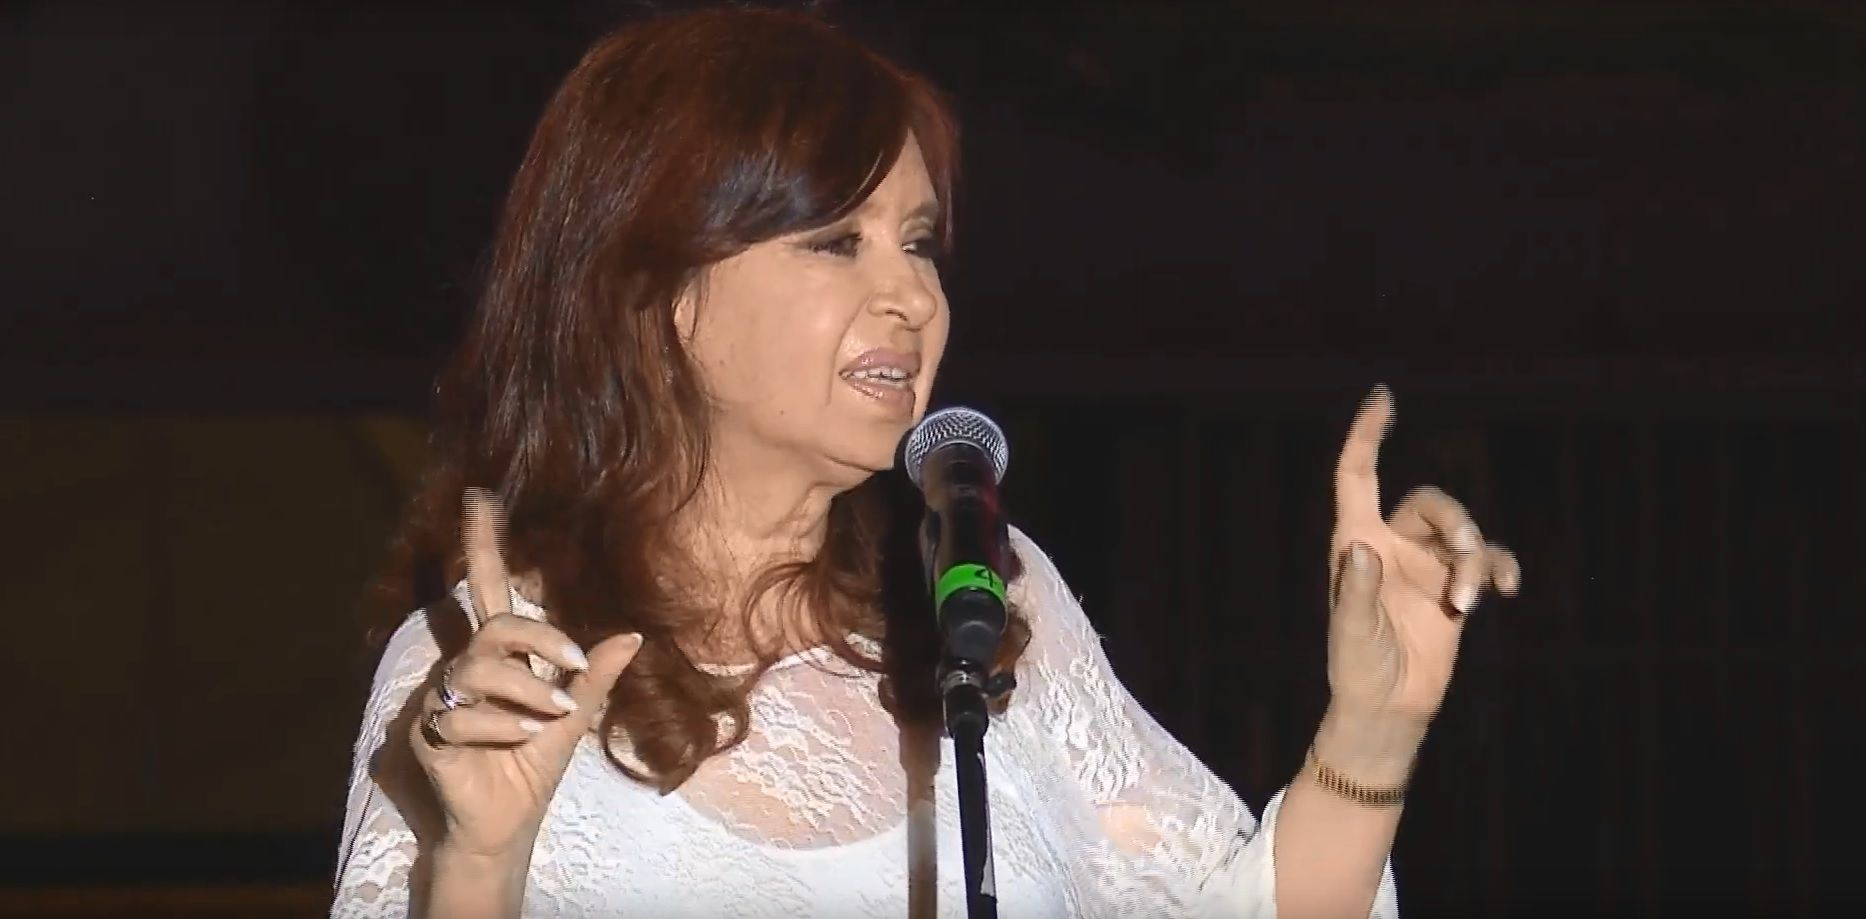 La vicepresidenta Cristina Kirchner habló en el escenario montado en Plaza de Mayo